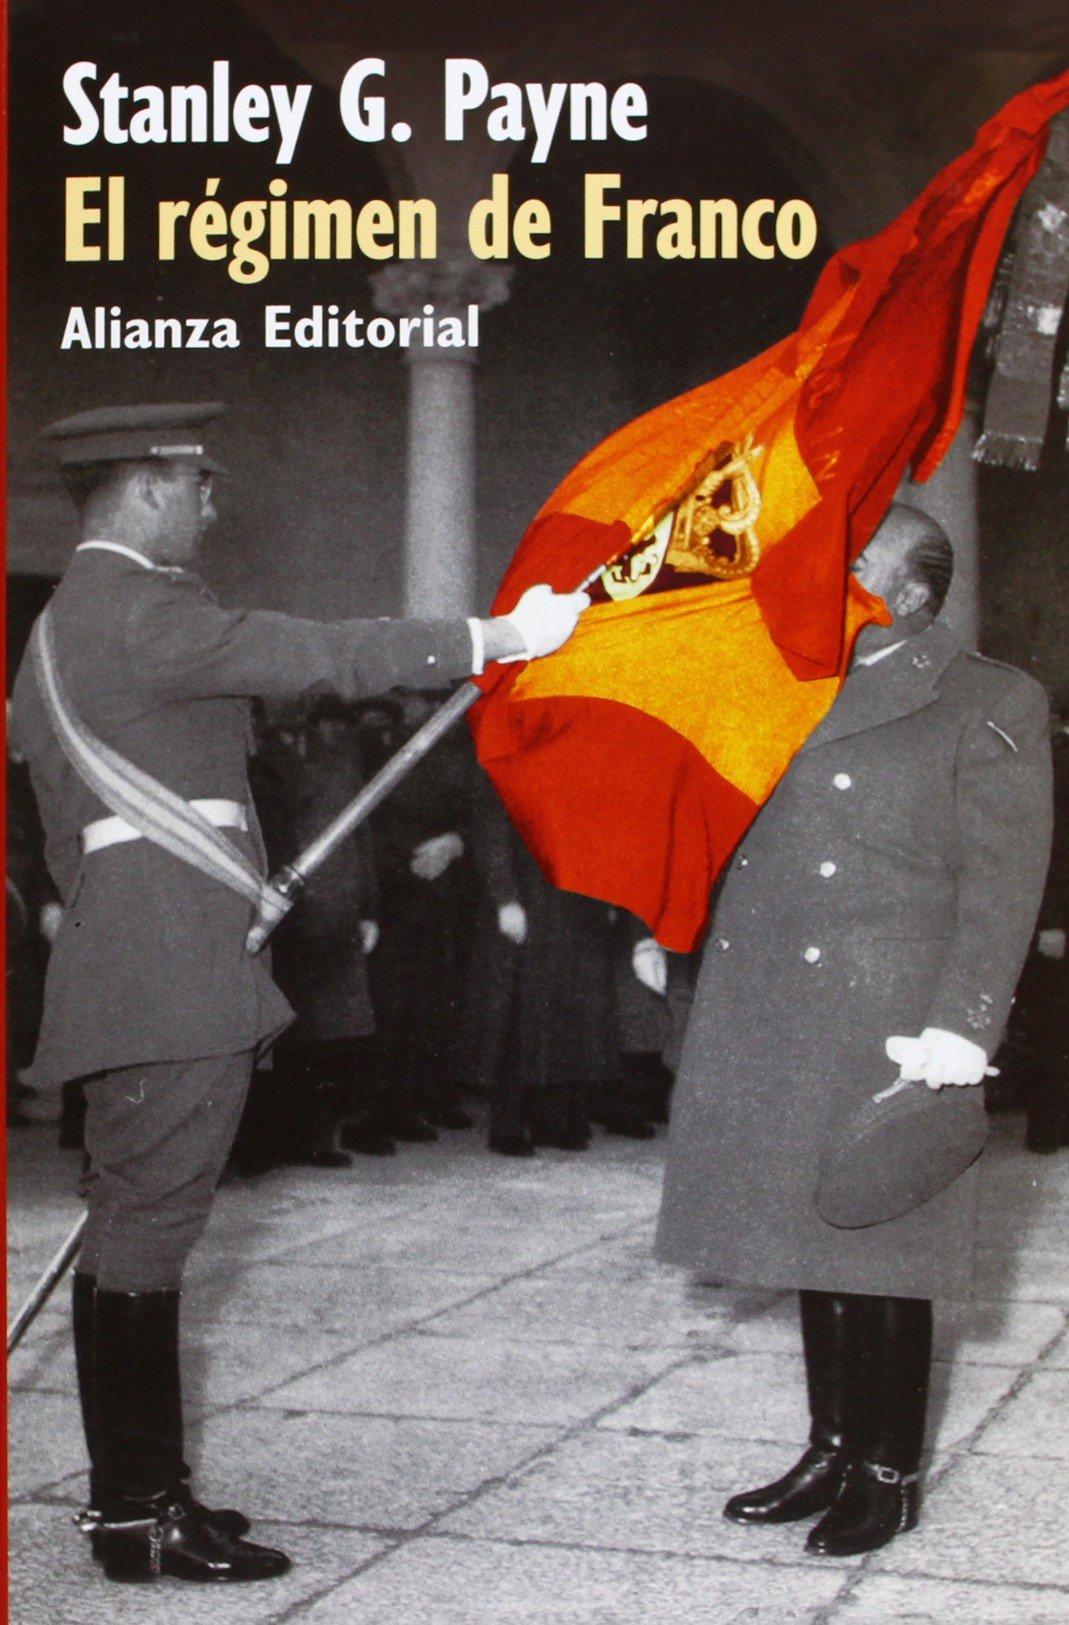 El régimen de Franco, 1936-1975 Libros Singulares Ls: Amazon.es: Payne, Stanley G., Urrutia Domínguez, Belén, López González, Mª Rosa: Libros